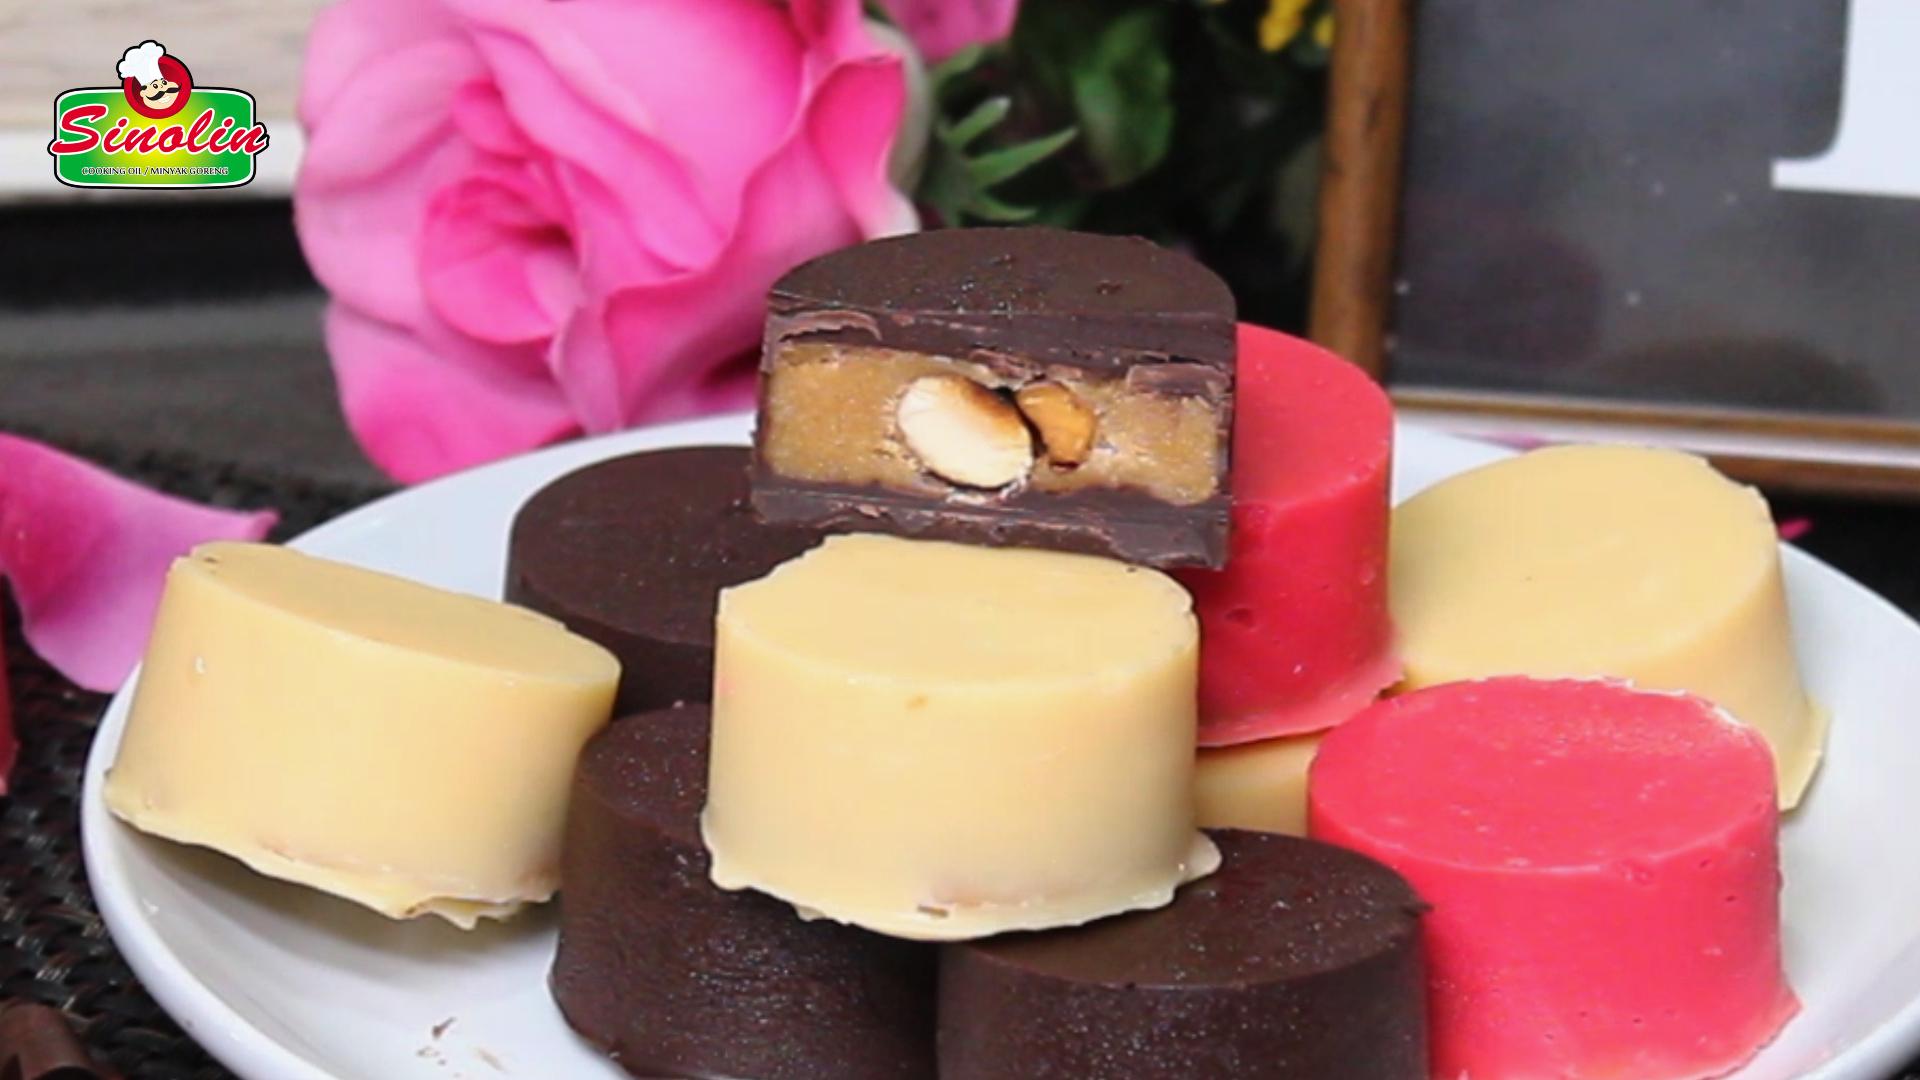 Cokelat Valentine Buatan Rumah oleh Dapur Sinolin